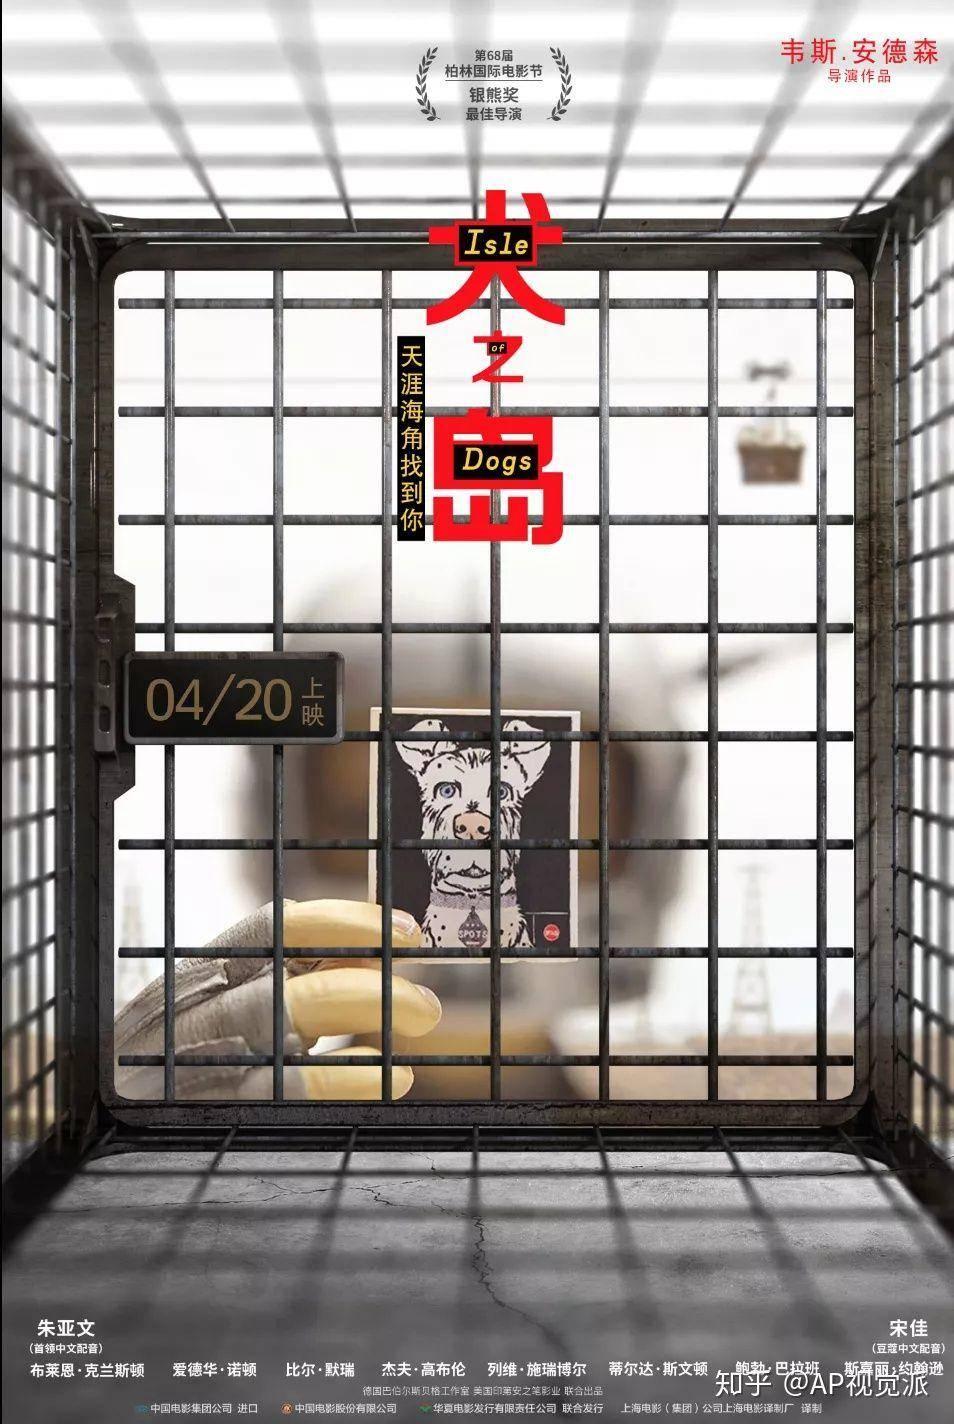 电影海报设计欣赏 来看看中国第一设计师的神作吧